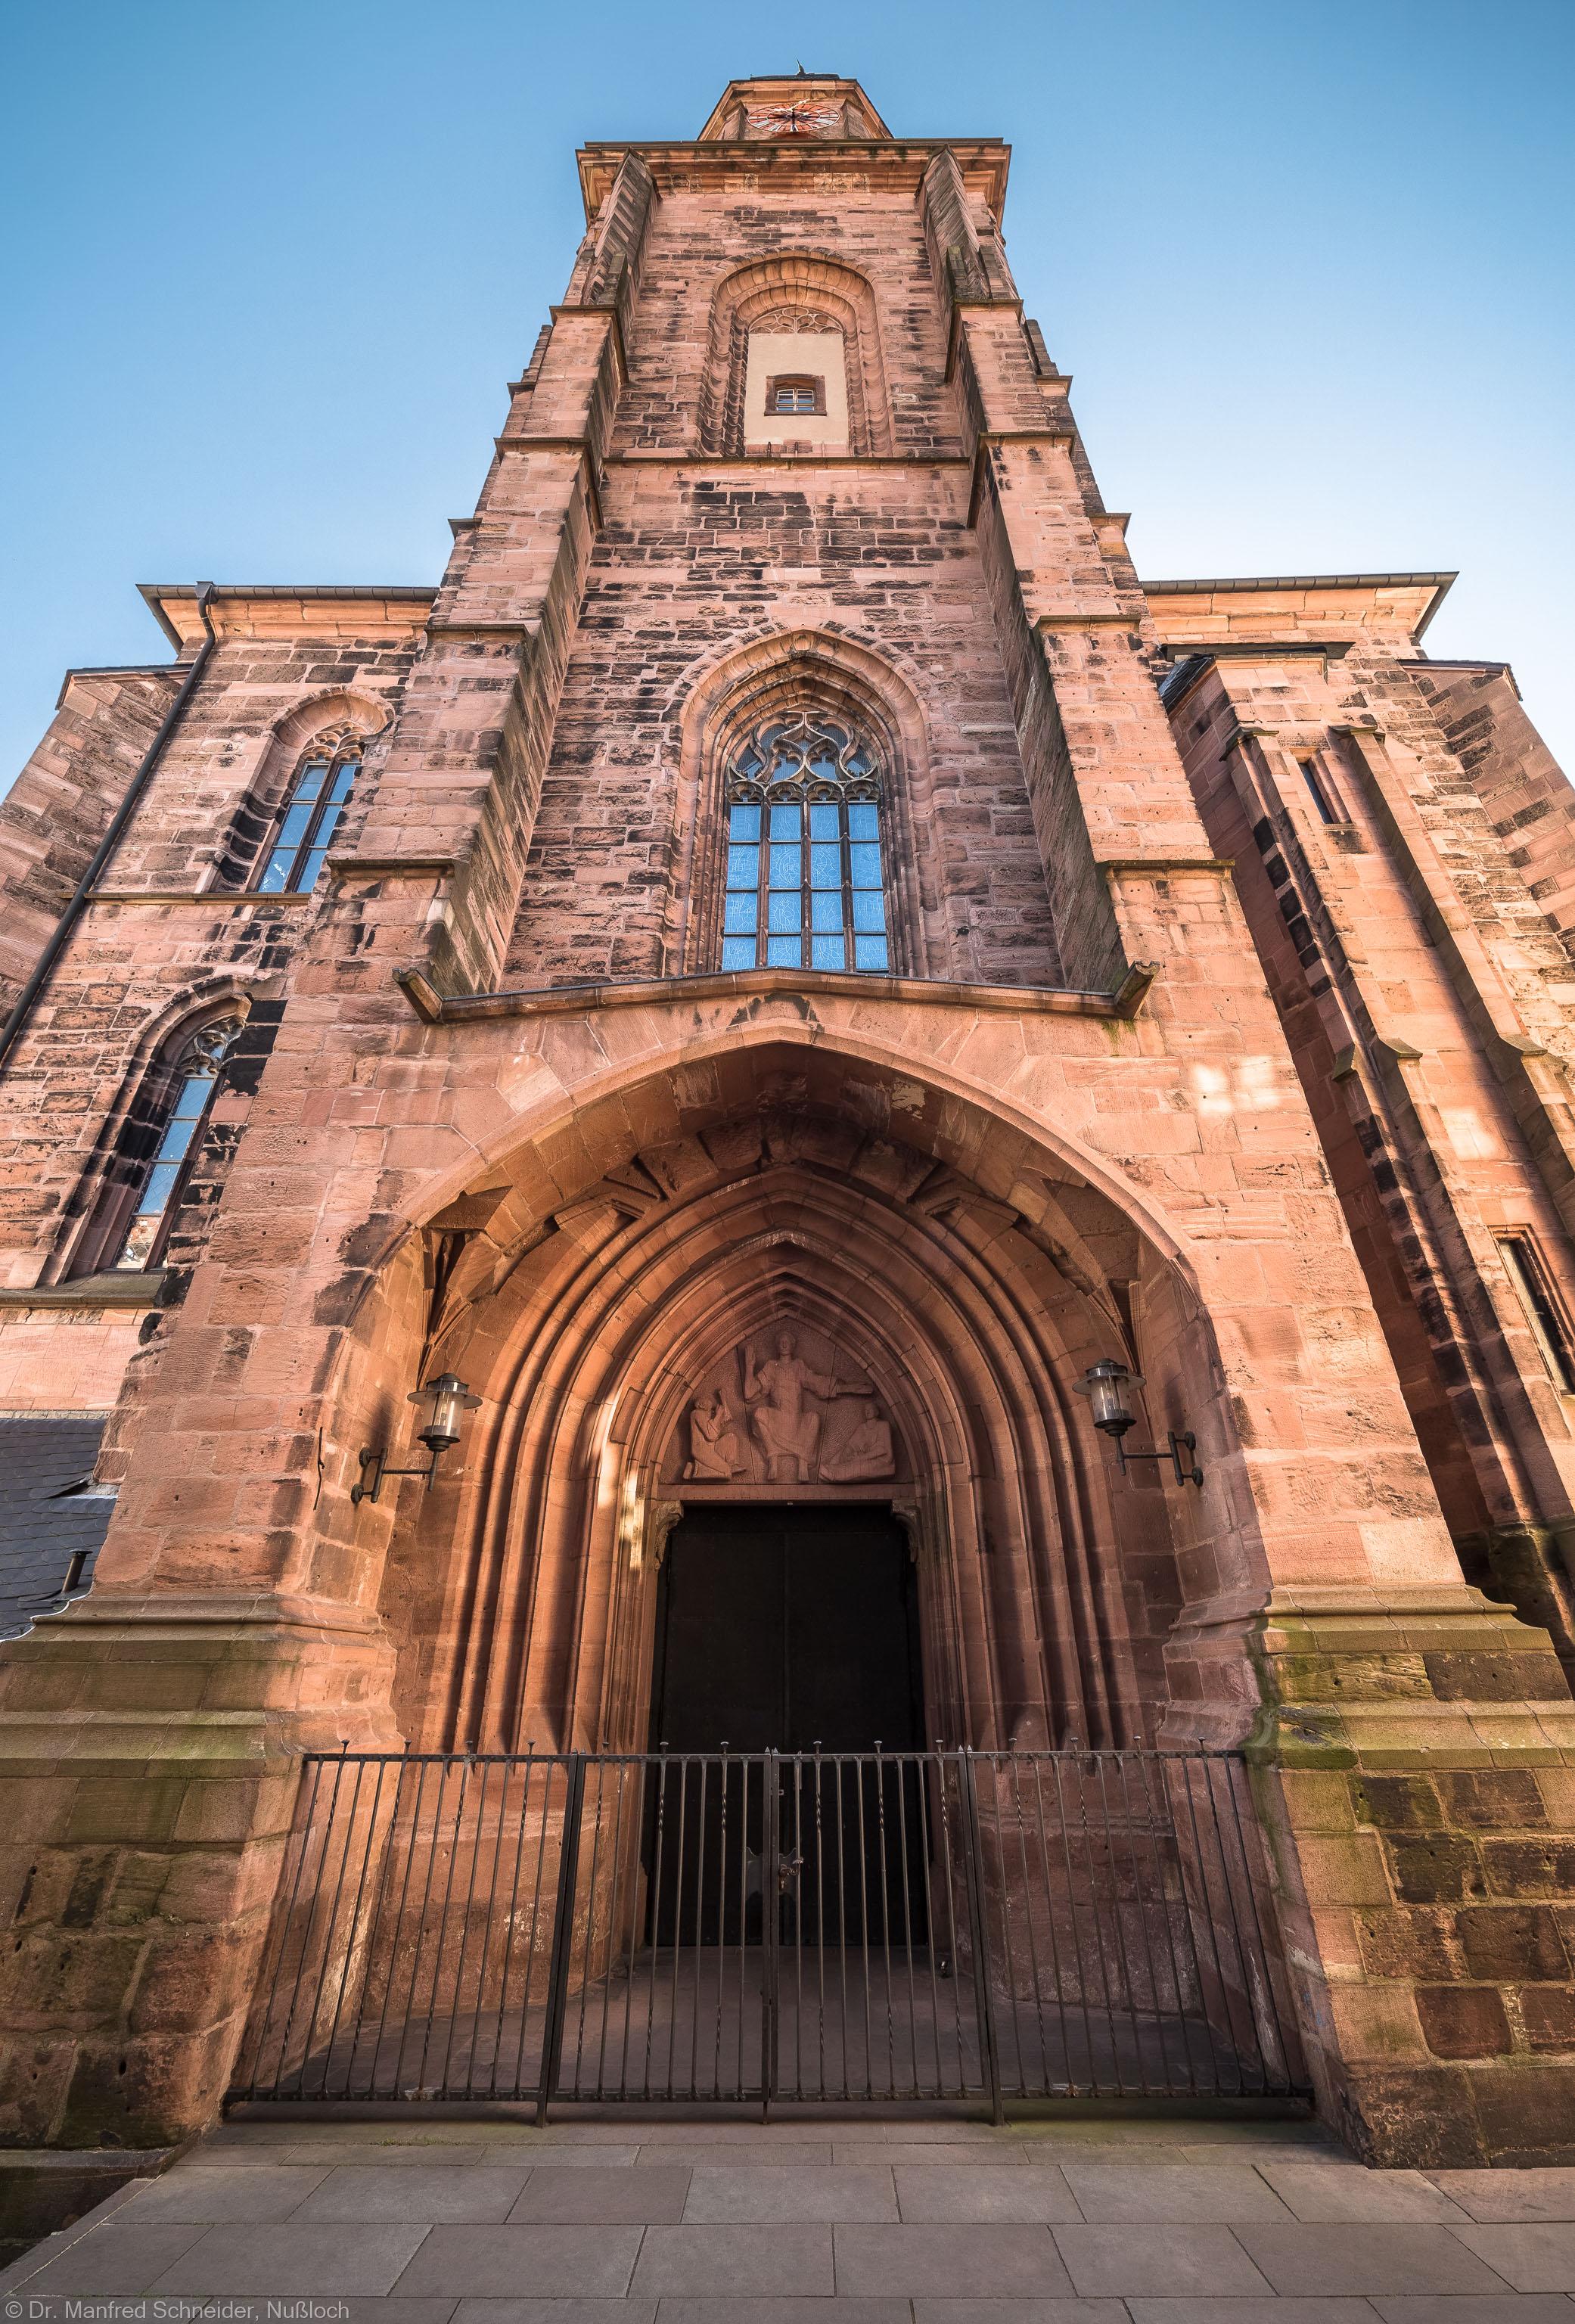 Heidelberg - Heiliggeistkirche - Aussen / West - Blick nach oben auf das Westwerk, das Hauptportal und den Turm (aufgenommen im Juli 2015, am späten Vormittag)